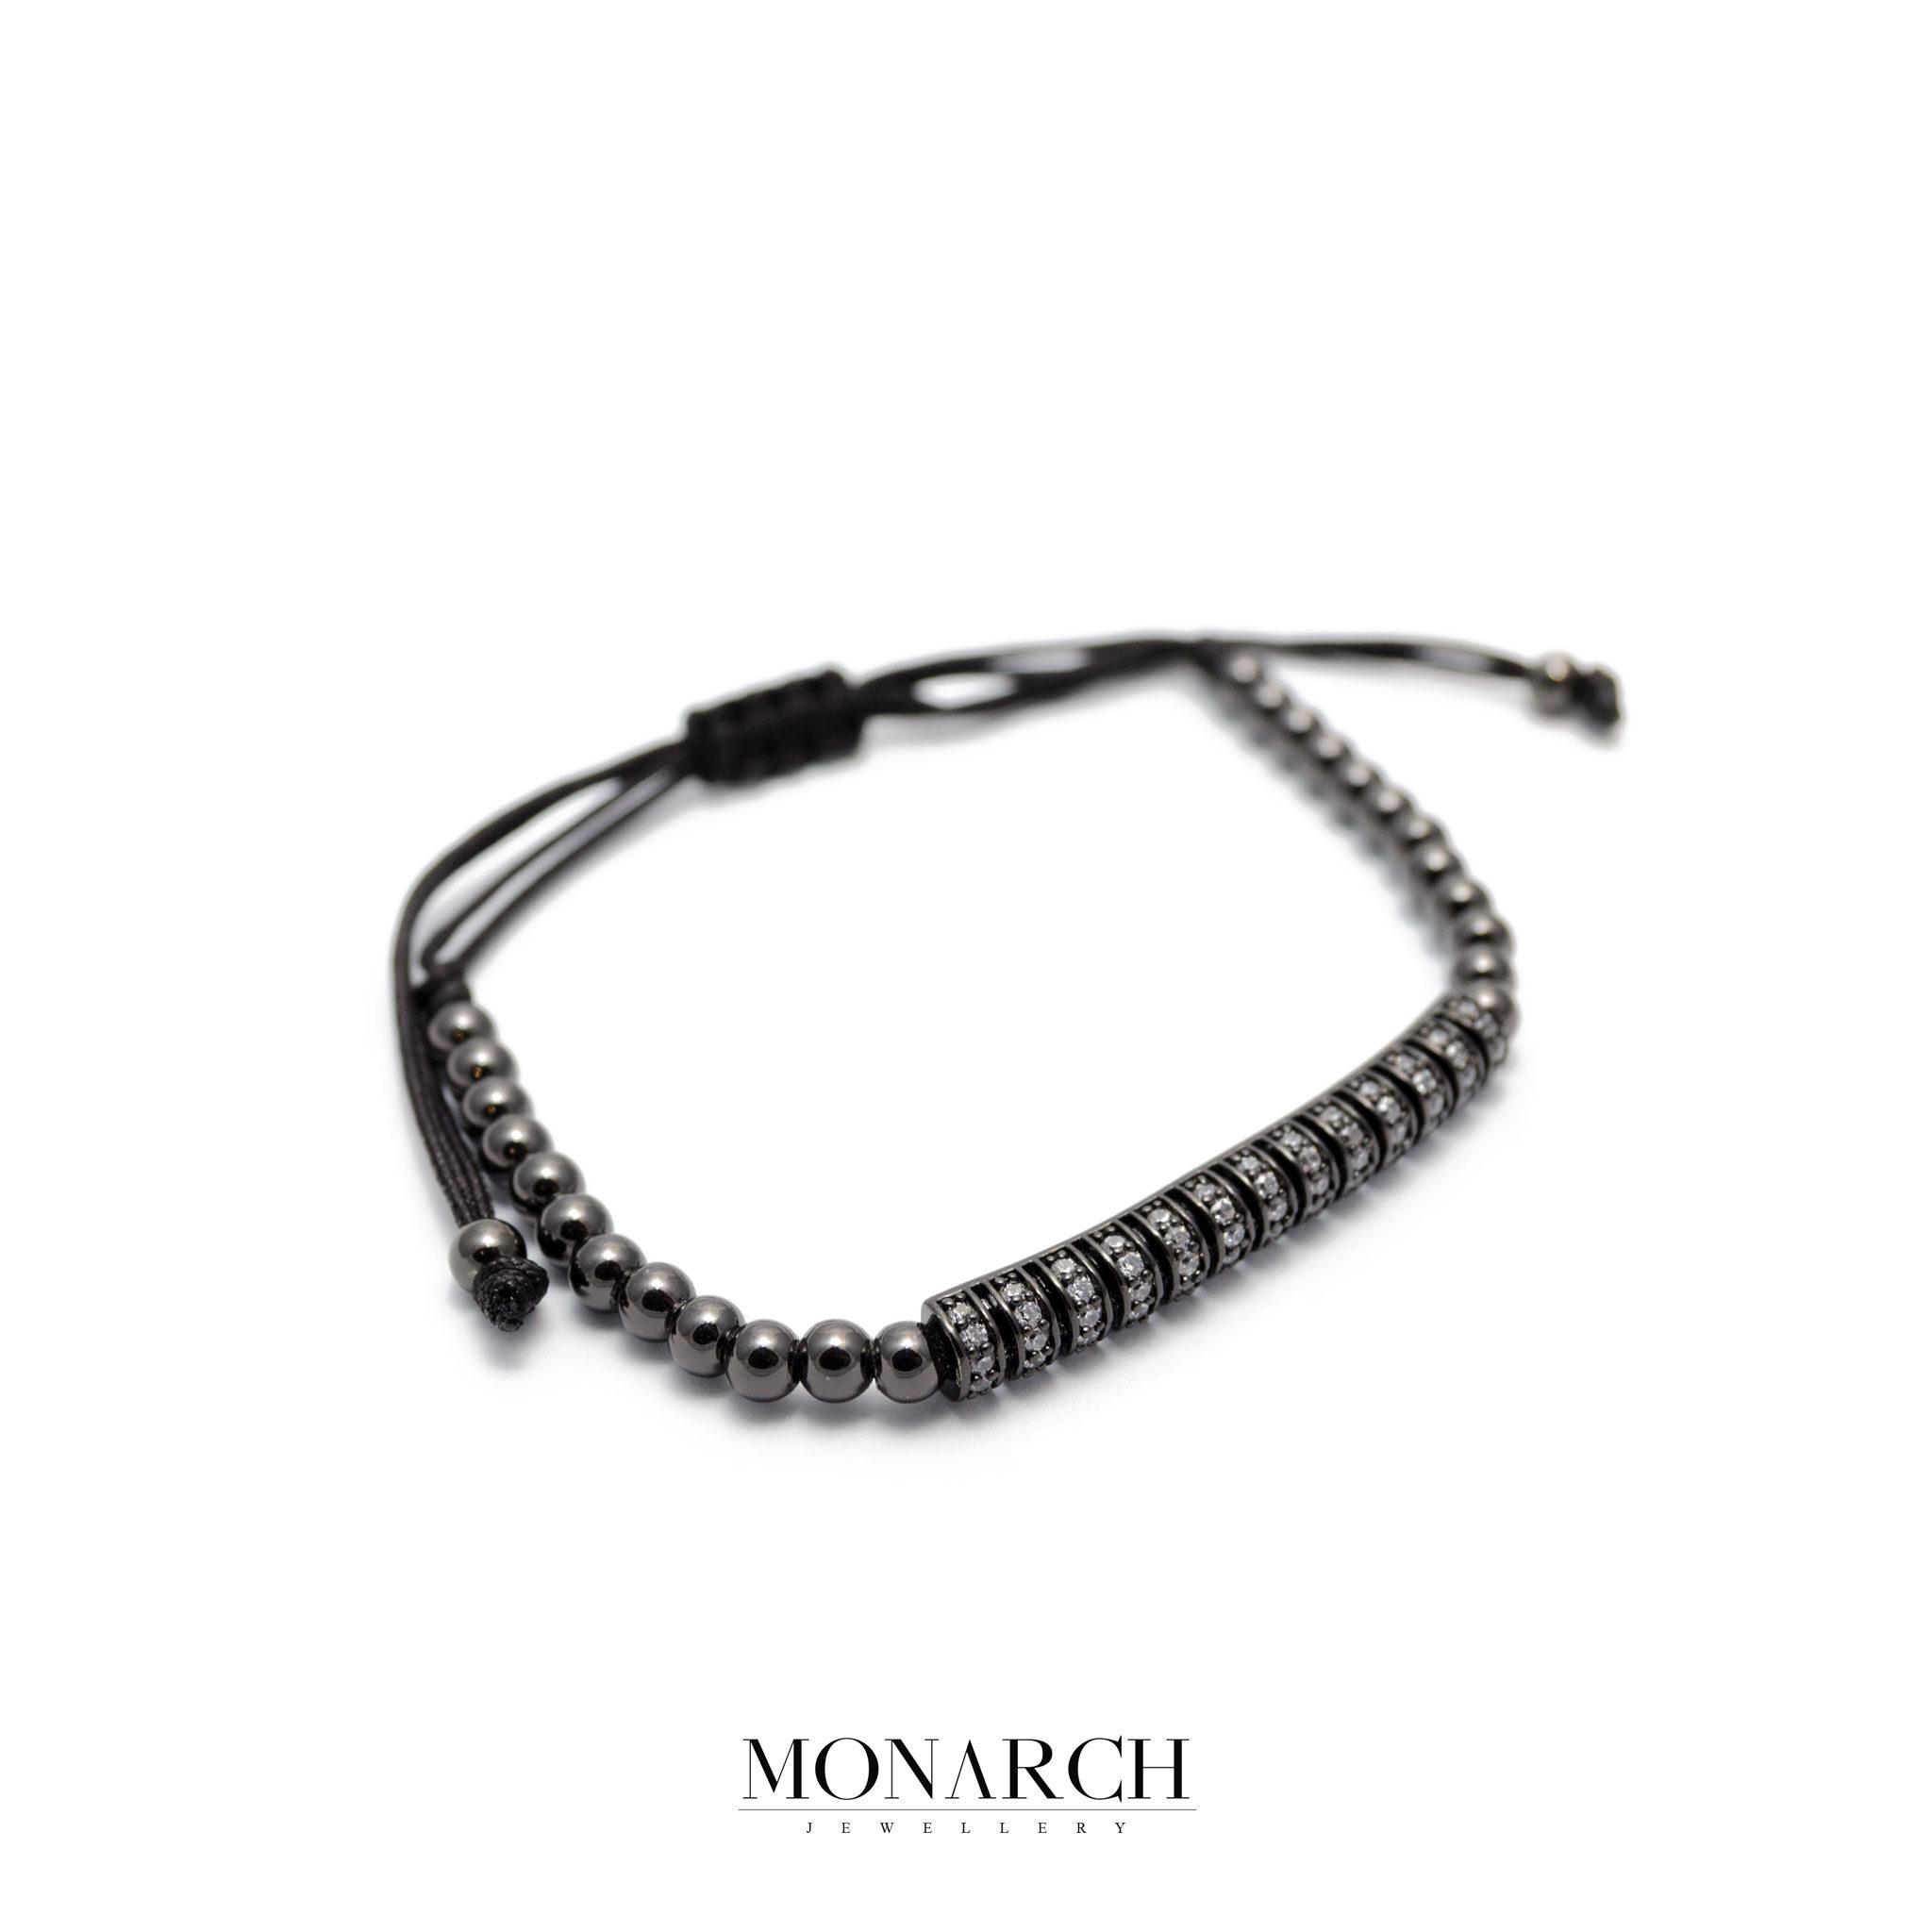 Monarch Jewellery Black Zircon String Luxury Macrame Bracelet